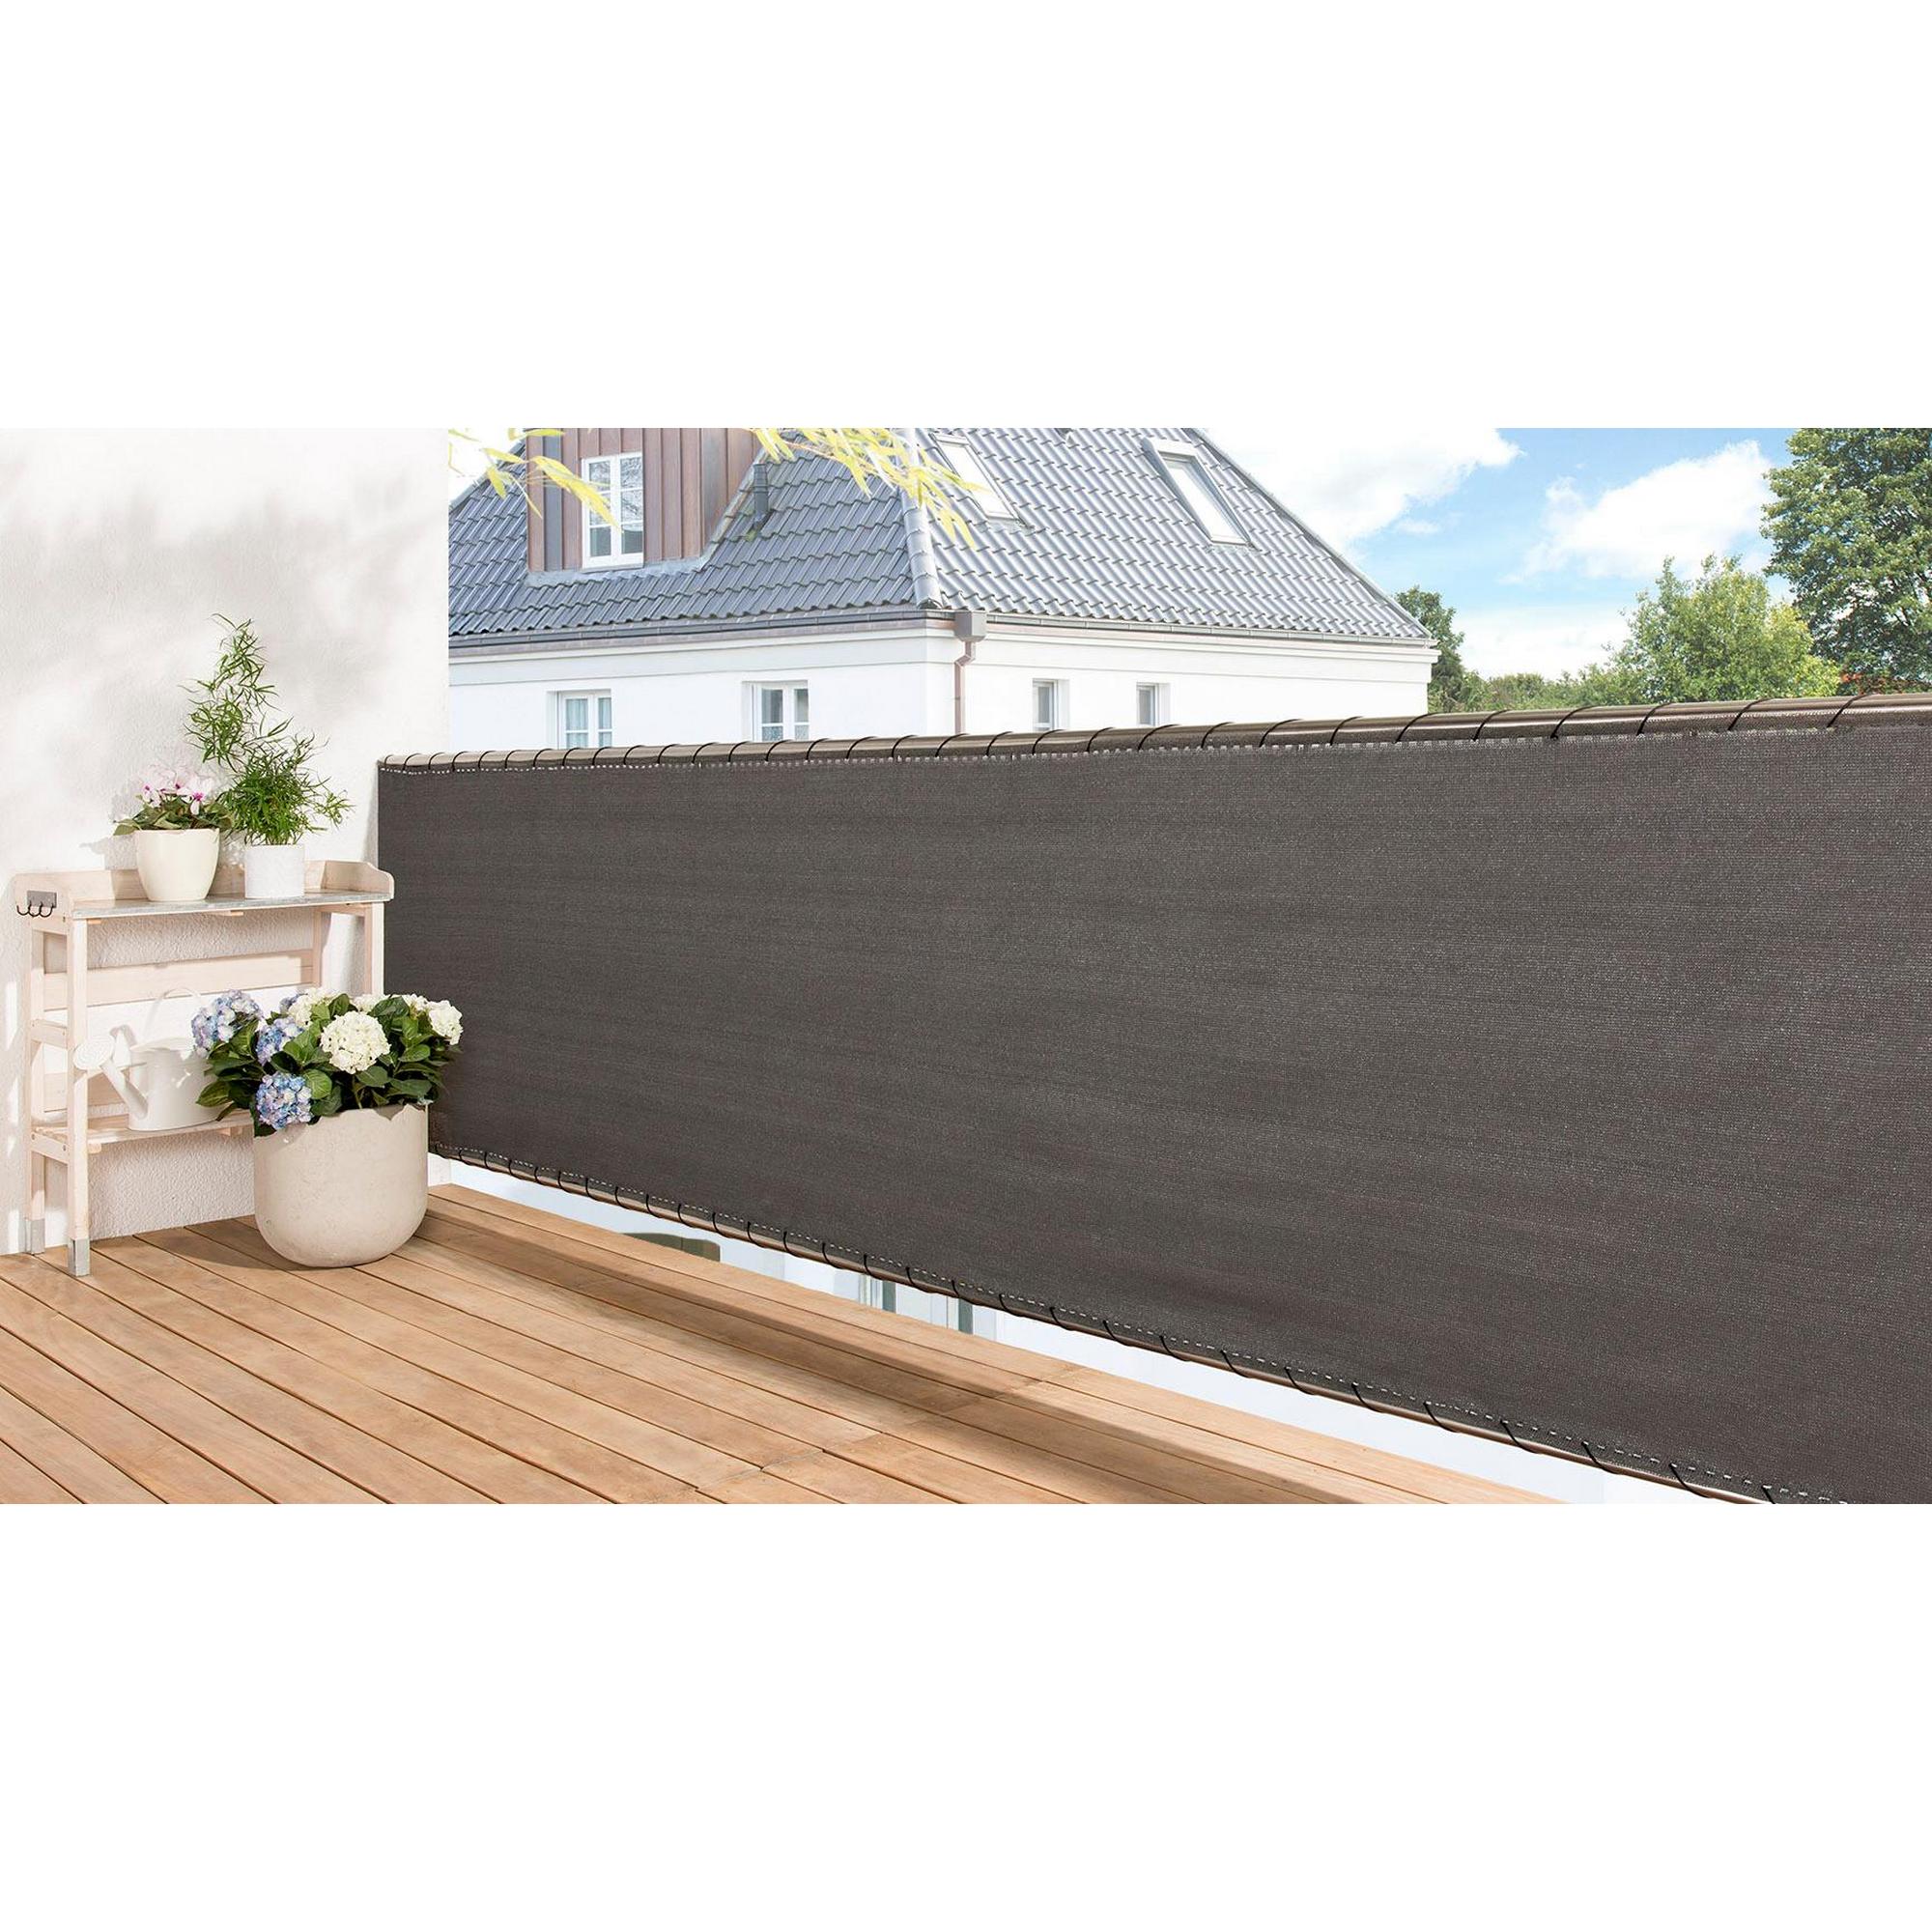 Balkonverkleidung 500 X 180 Cm Grau ǀ Toom Baumarkt